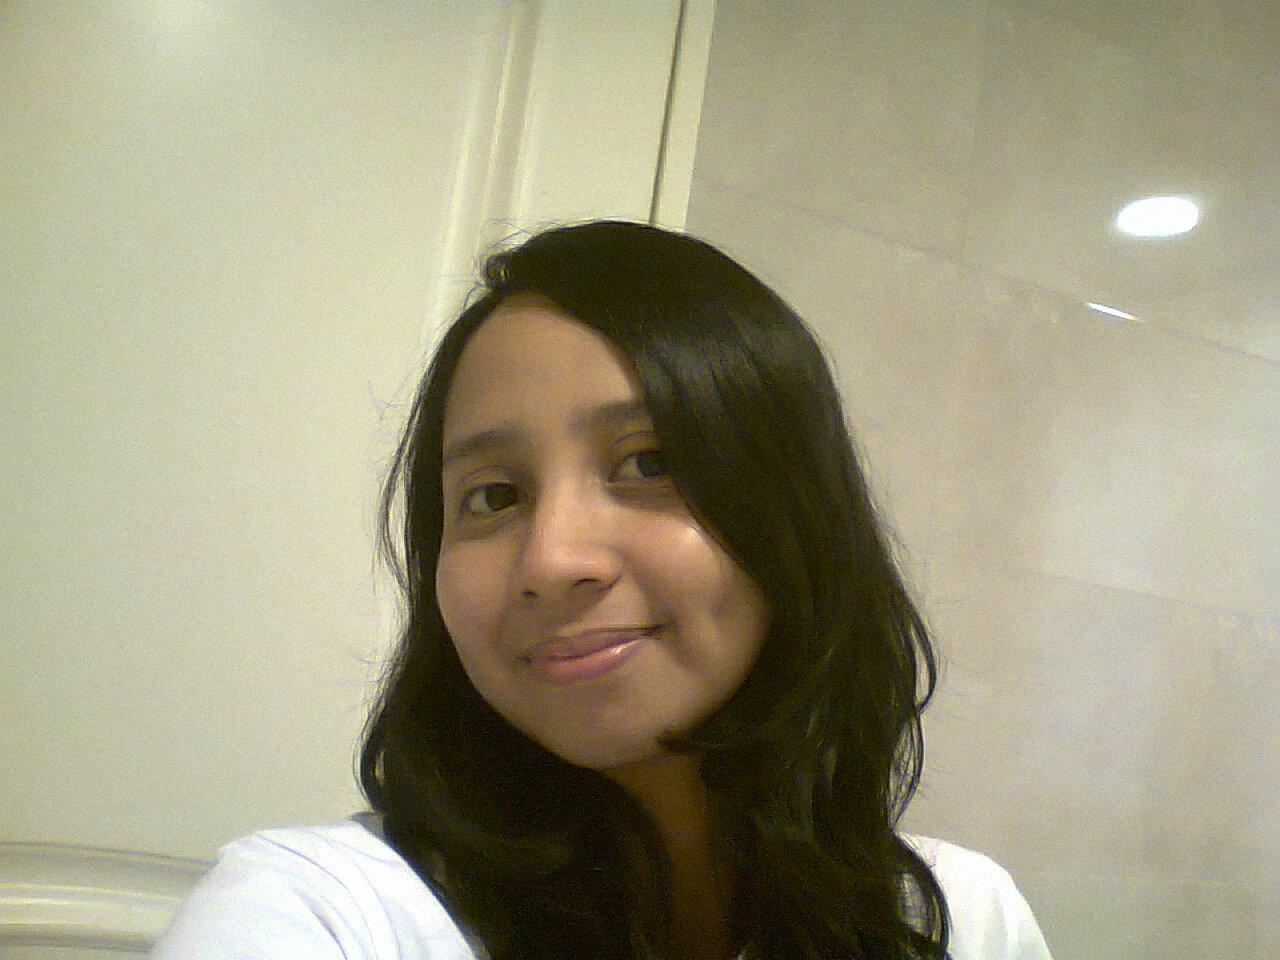 Yhannie